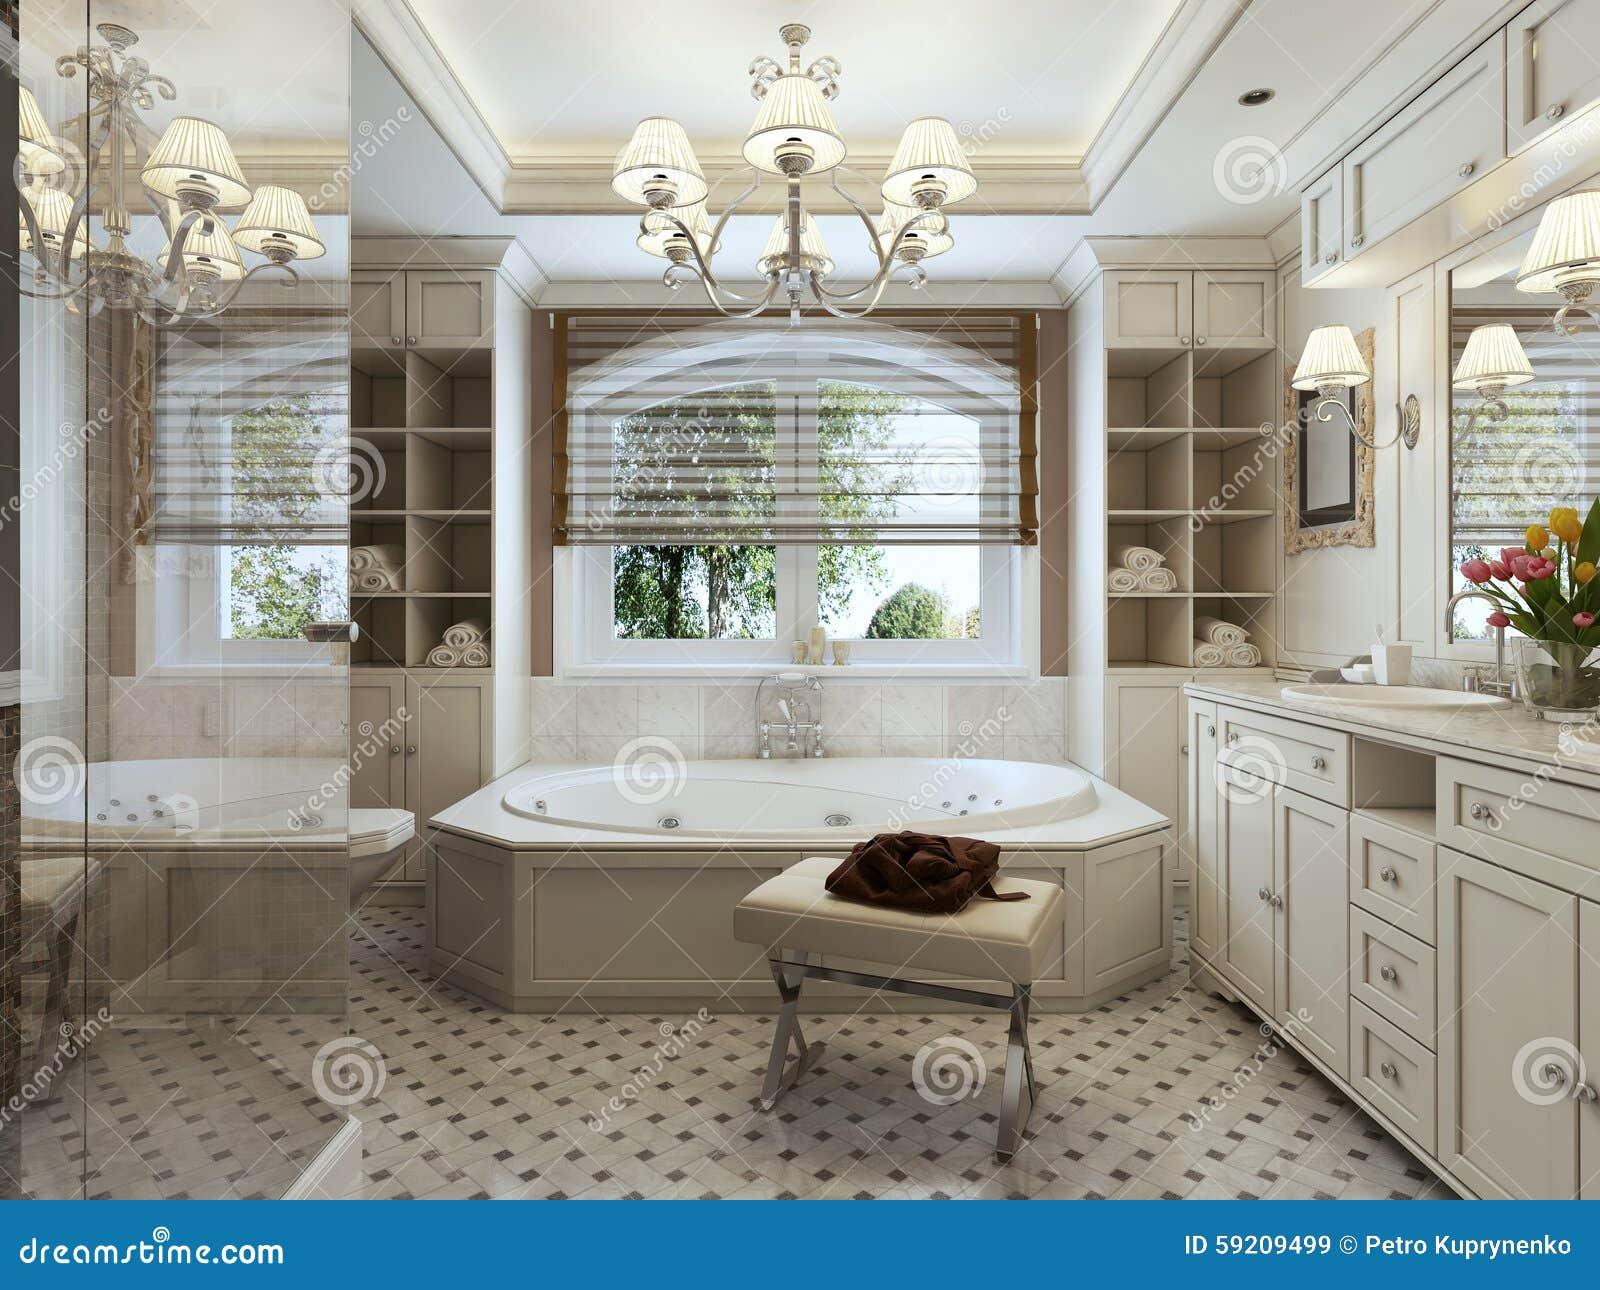 badezimmer art deco stockfoto - bild: 59209499, Hause ideen